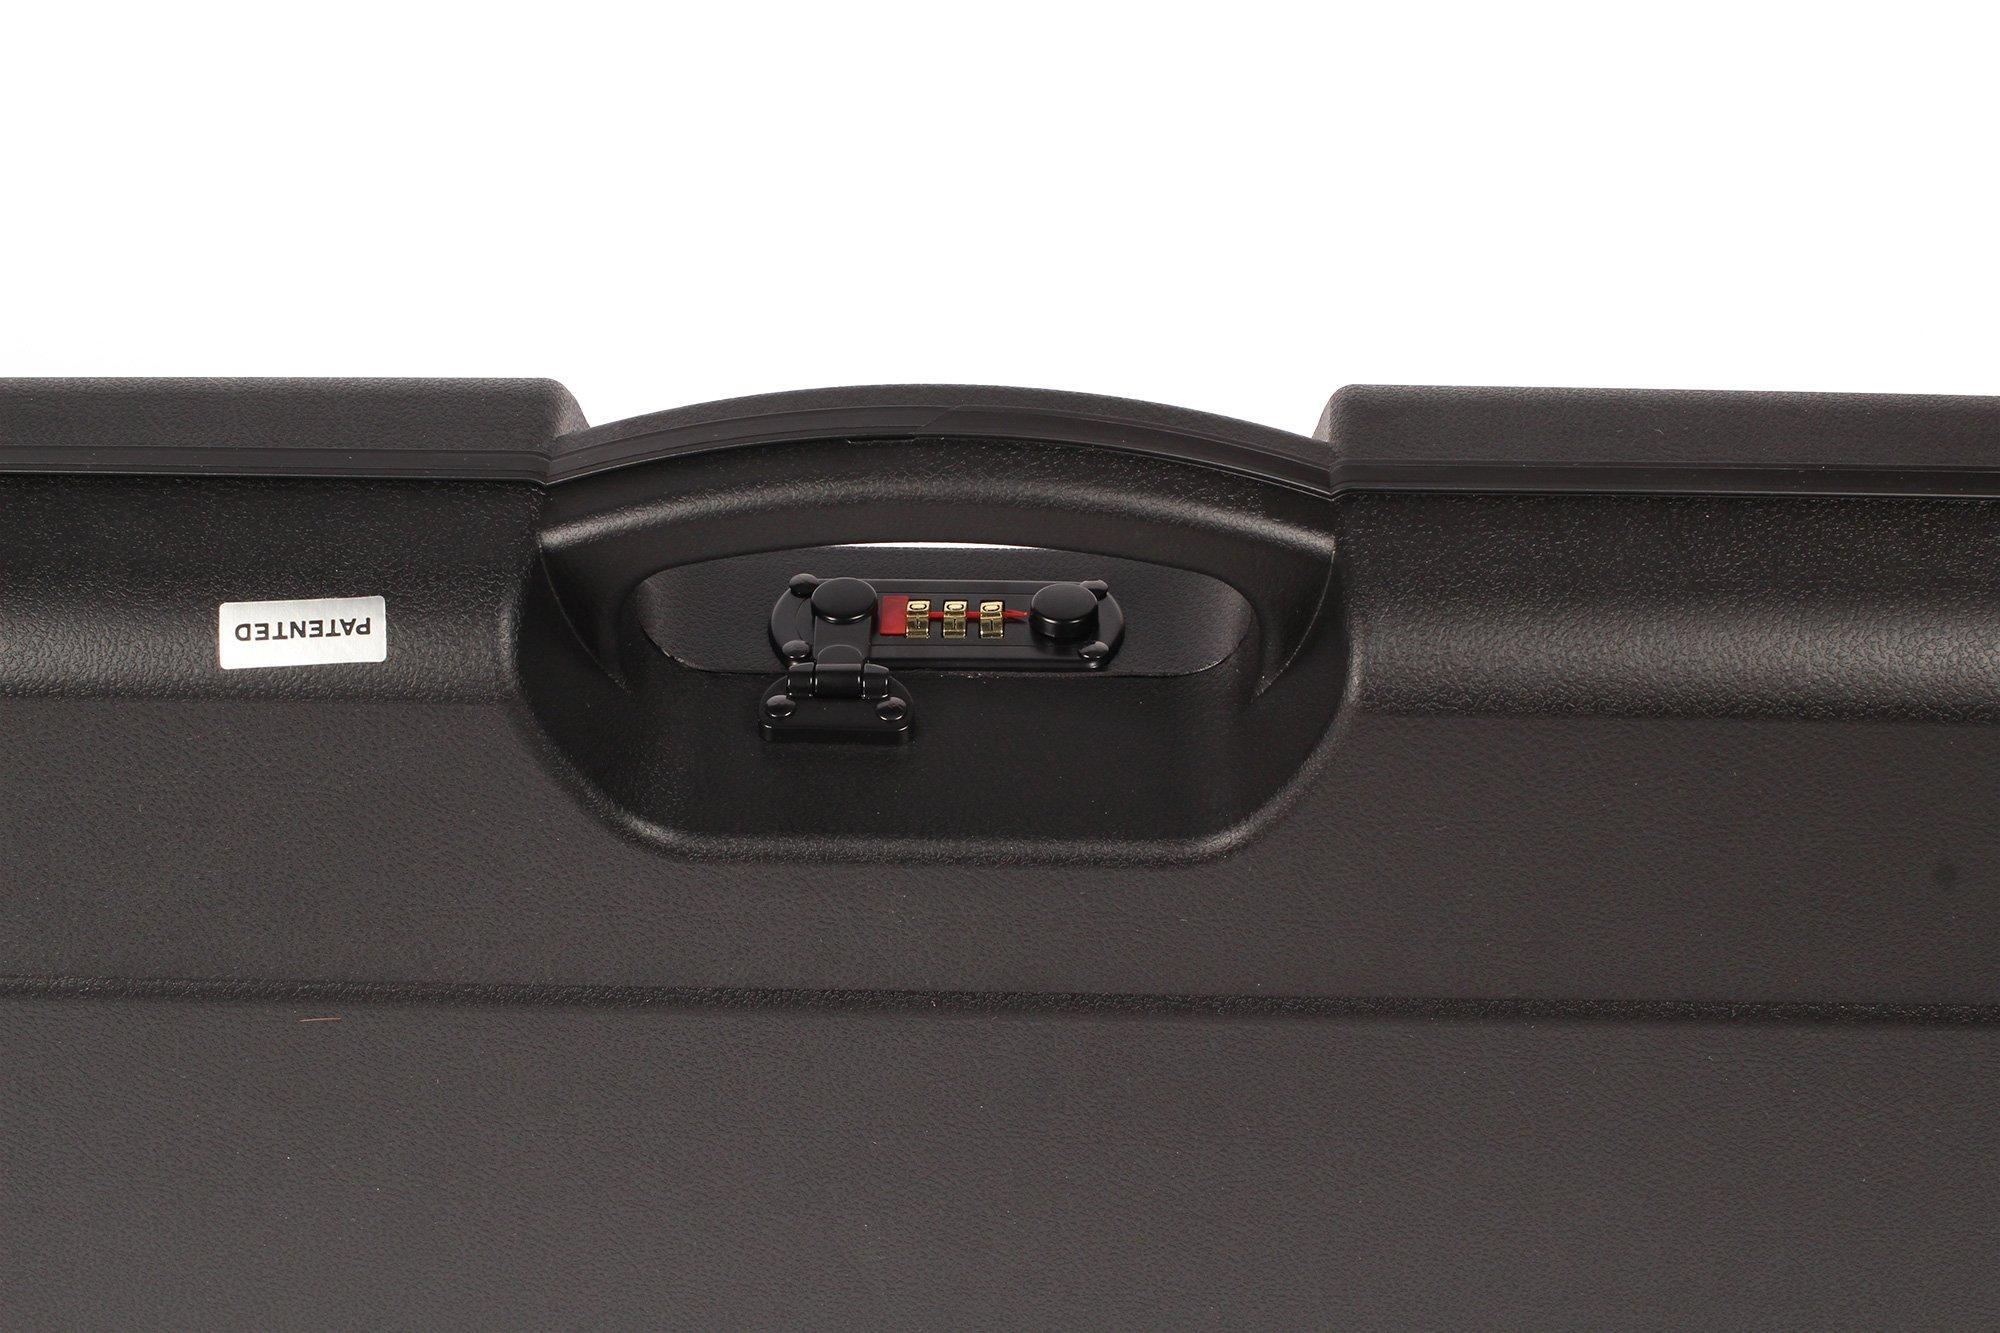 Negrini Cases 1603I/5127 UNICASE Universal Shotgun Case fits All Takedown Shotguns/1 Gun/Barrel up to 36 1/2-Inch, Black/Black